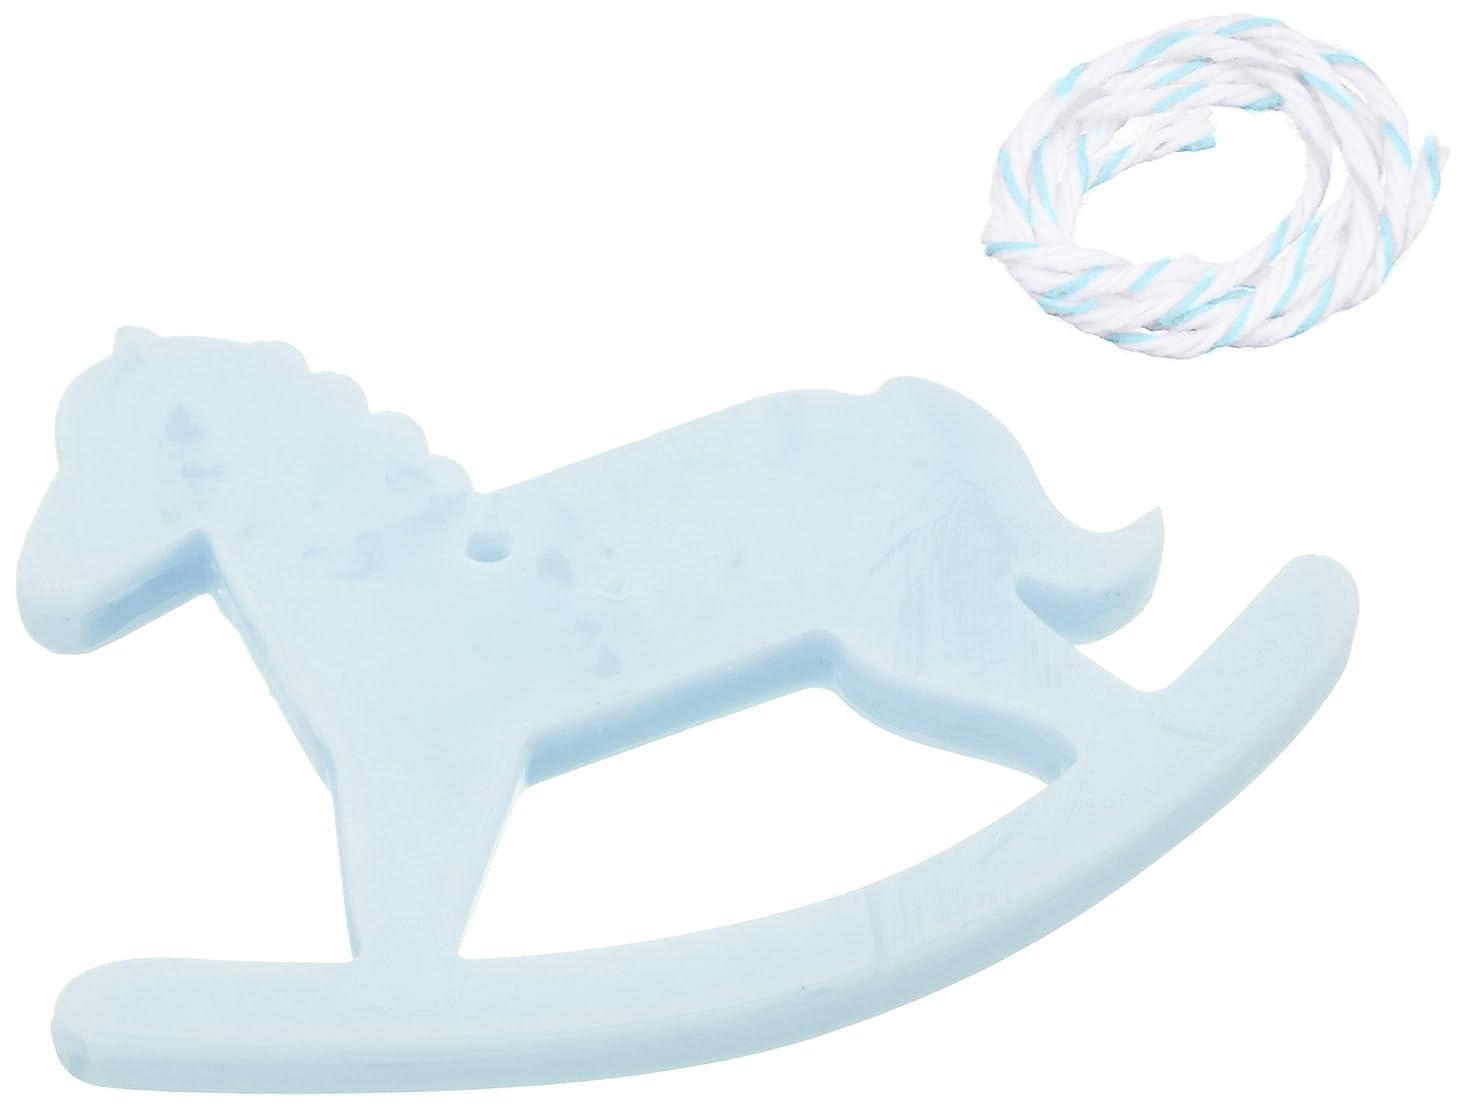 買うサージ専門化するGRASSE TOKYO AROMATICWAXチャーム「木馬」(BL) ローズマリー アロマティックワックス グラーストウキョウ